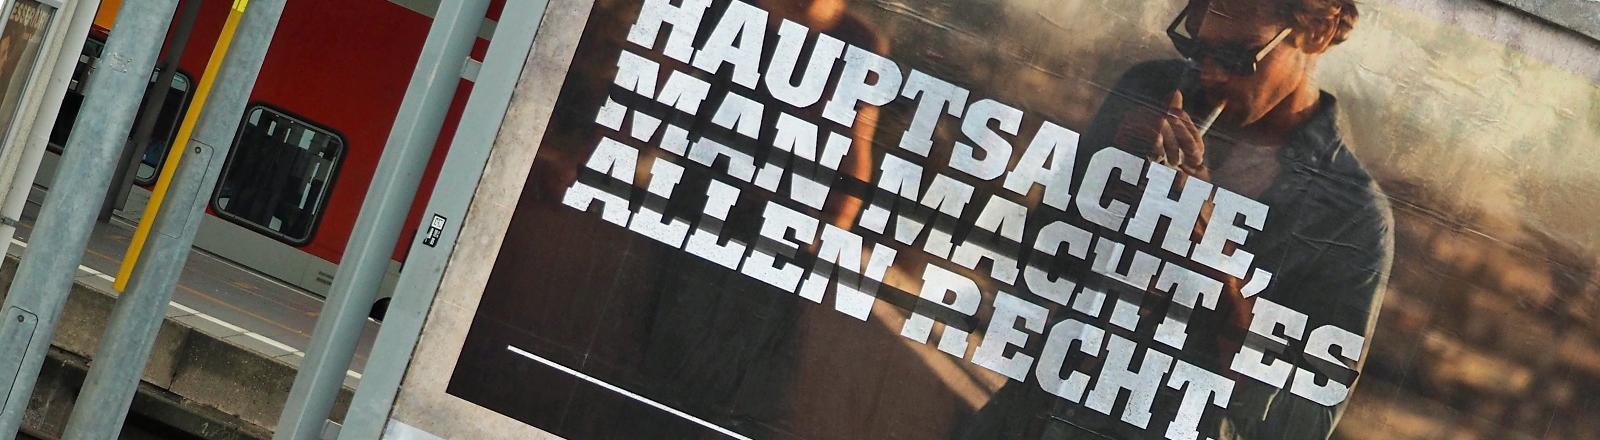 """Auf einem Bahnhof hängt ein Werbeplakat für Zigaretten: """"Hauptsache (macht macht es allen r)echt""""."""